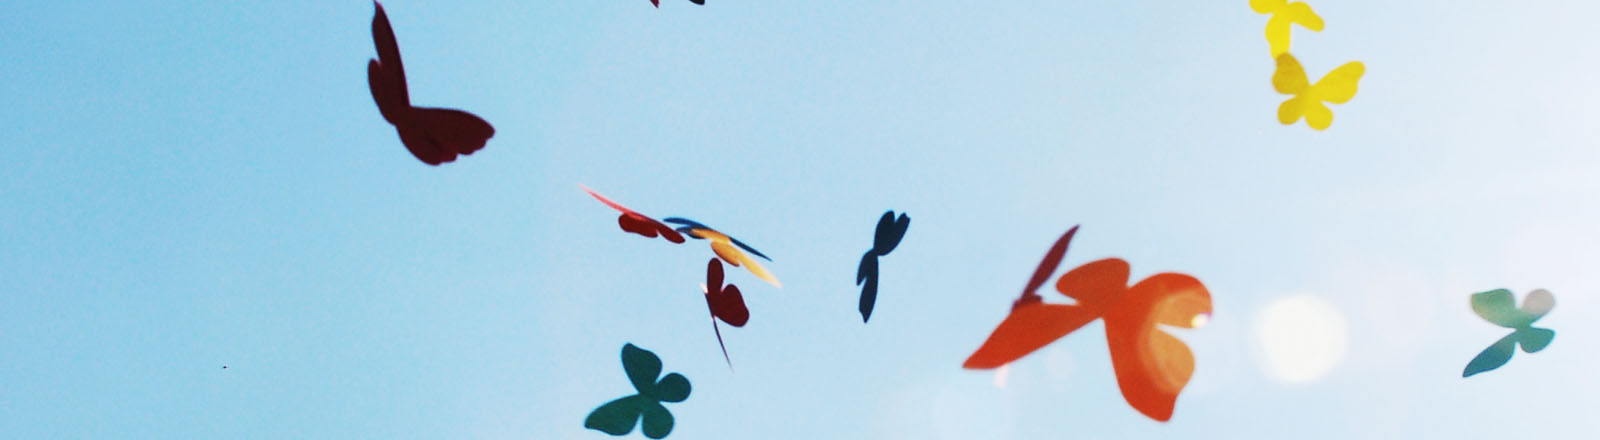 Schmetterlinge vor blauem Himmel